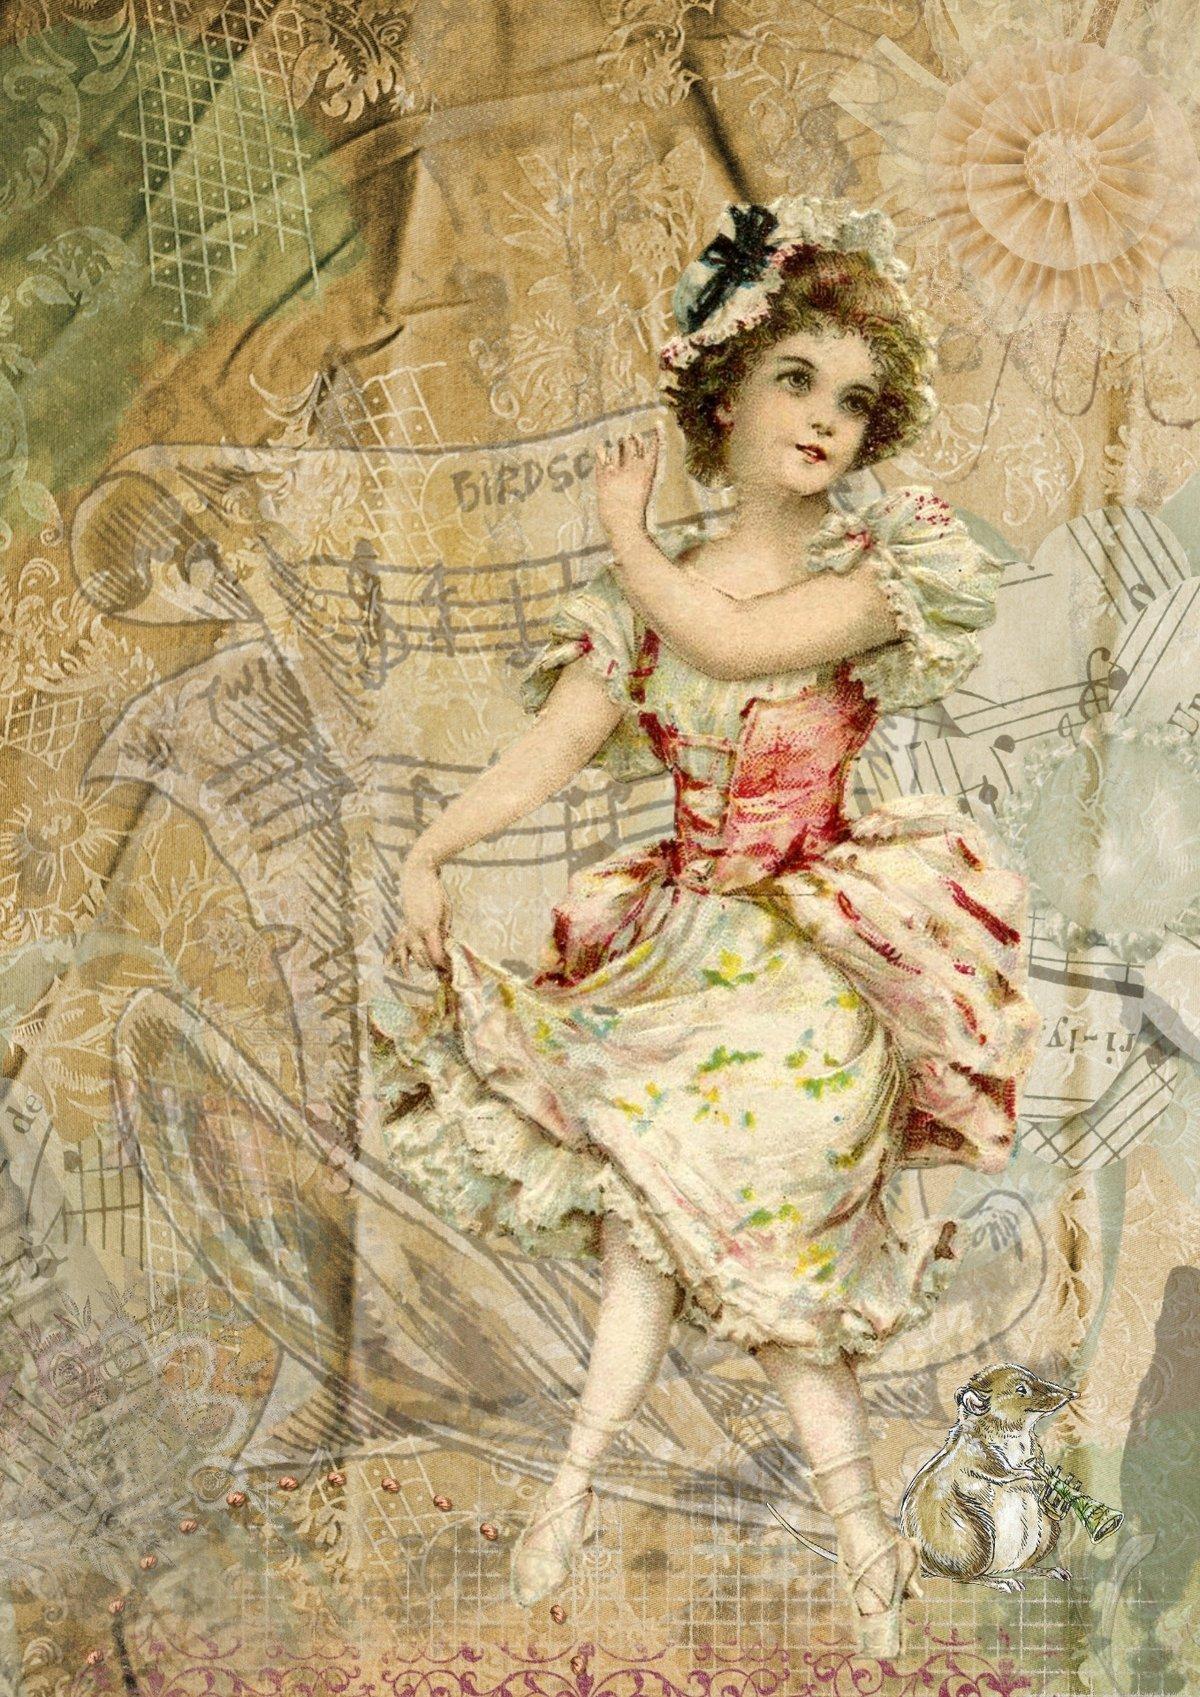 Картинки для винтажных открыток, любимому выздоравливай картинки